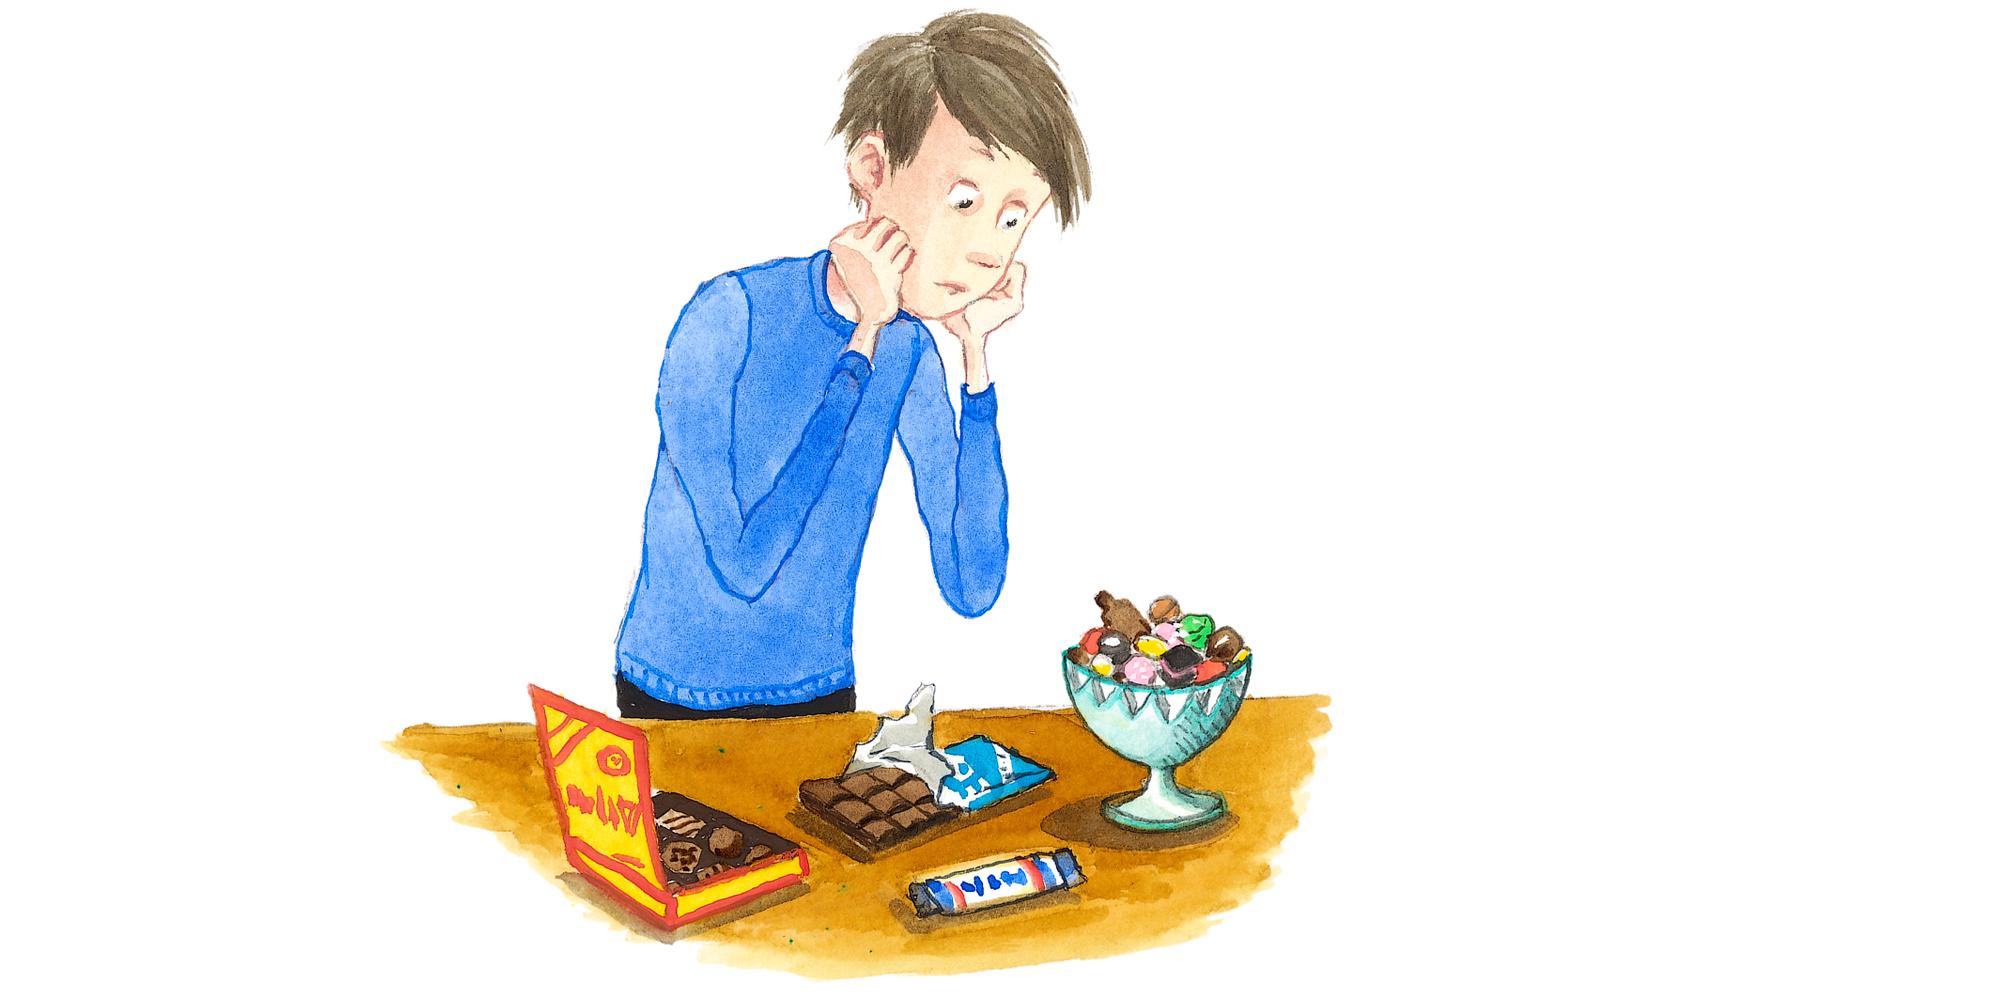 Det kan bli jobbigt när det finns flera sorters godis. Simon har svårt för att välja.